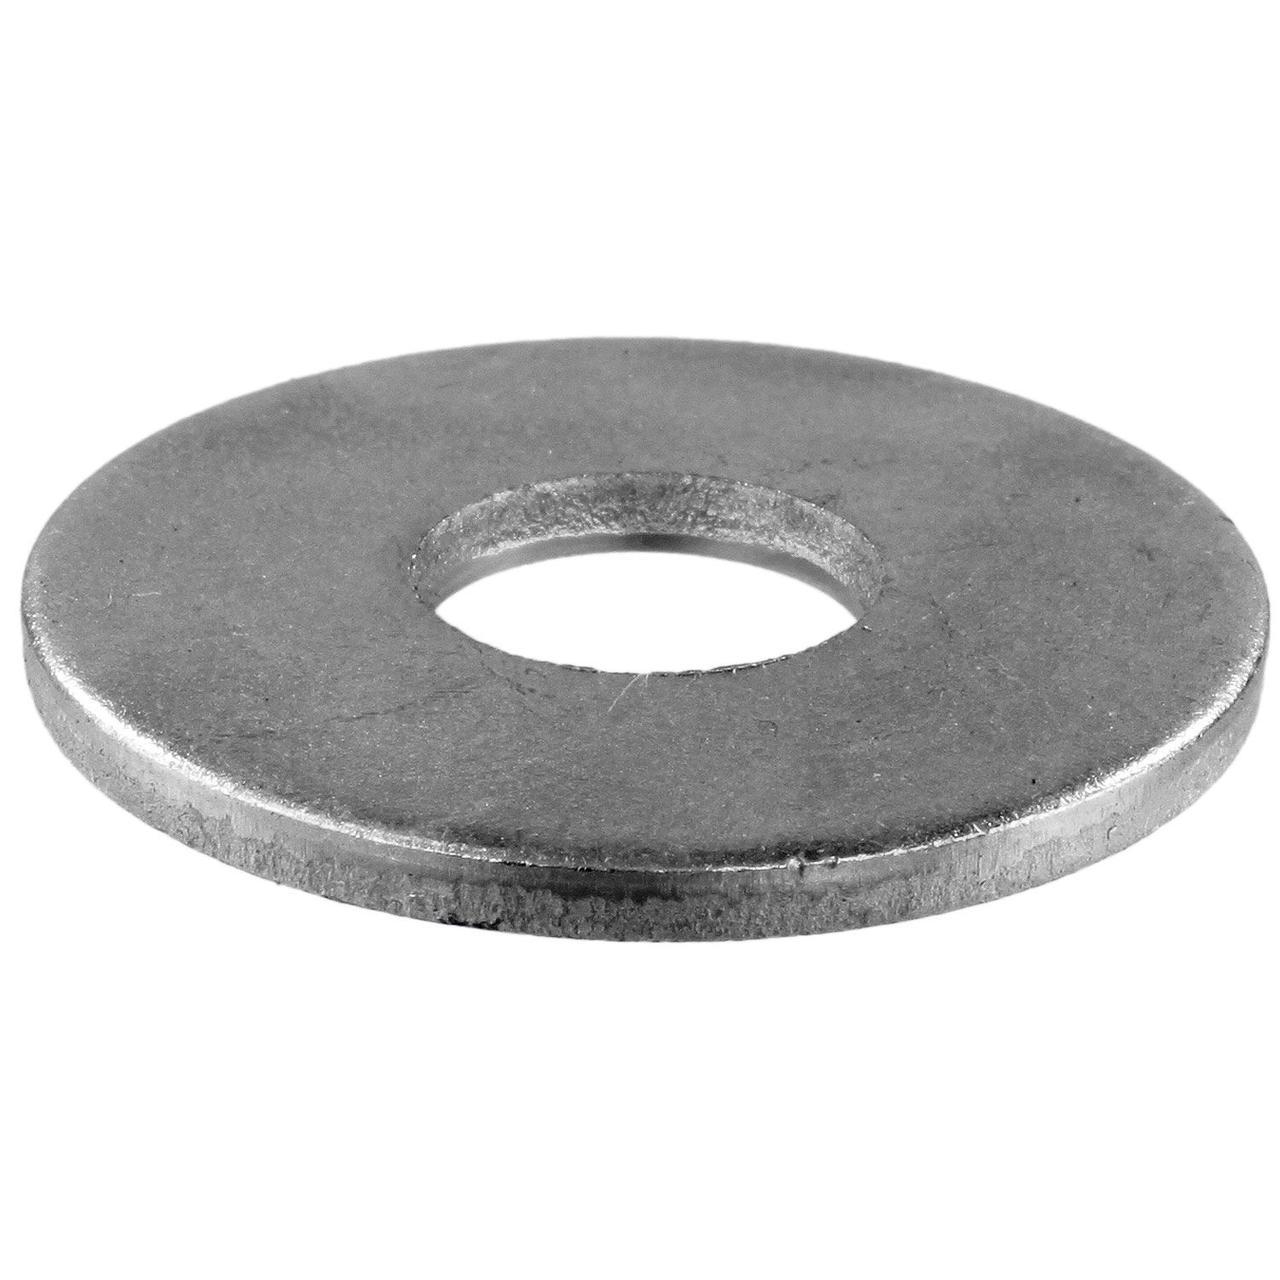 Кольцо ст 3 700х160х430 мм